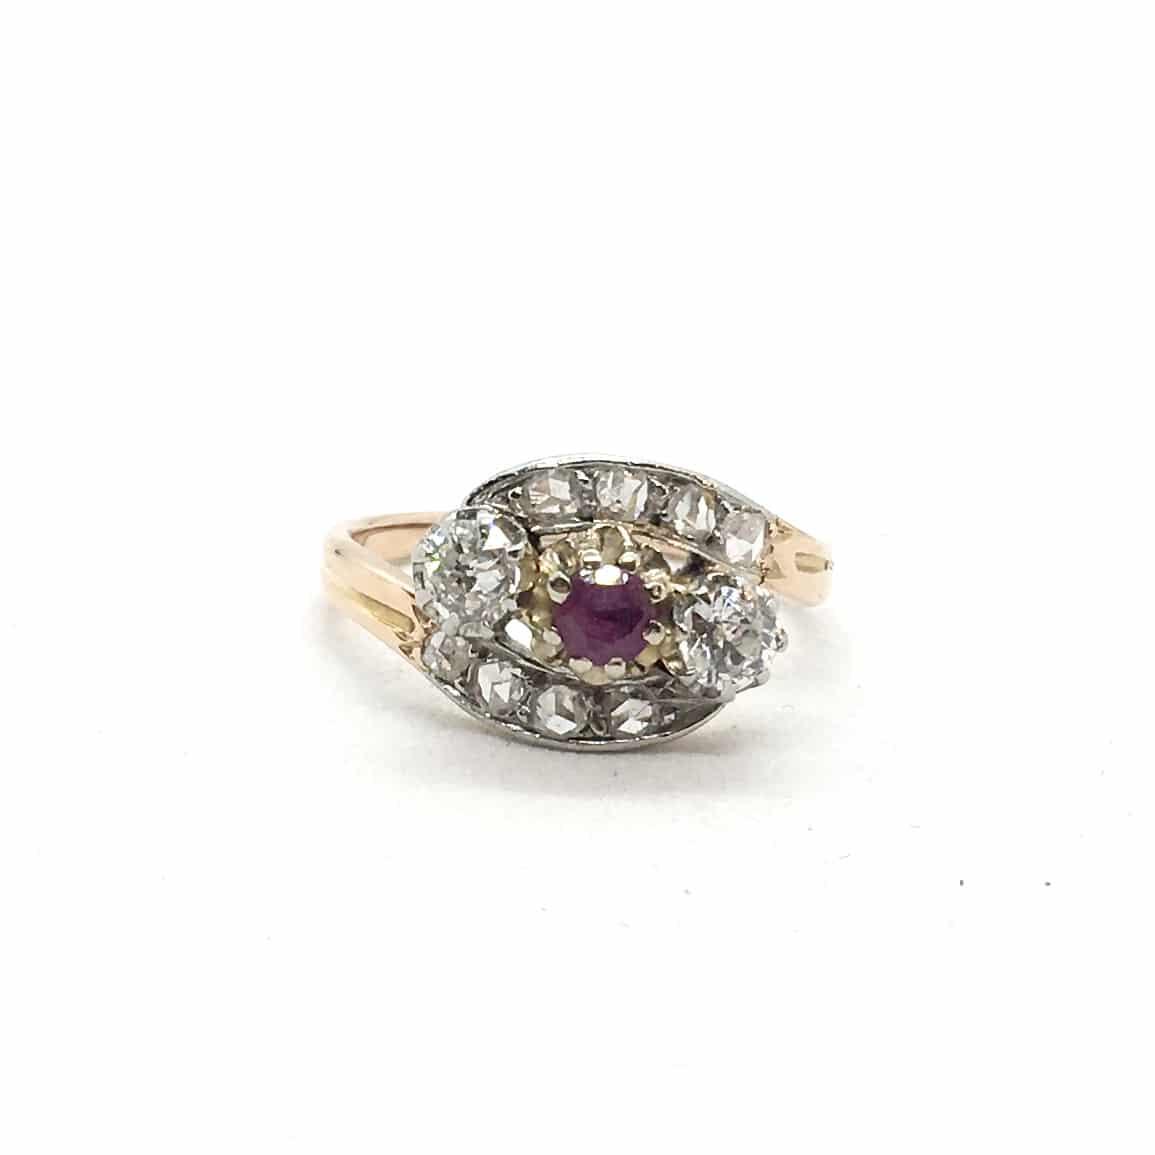 arany gyűrű gyémántokkal és rubinnal